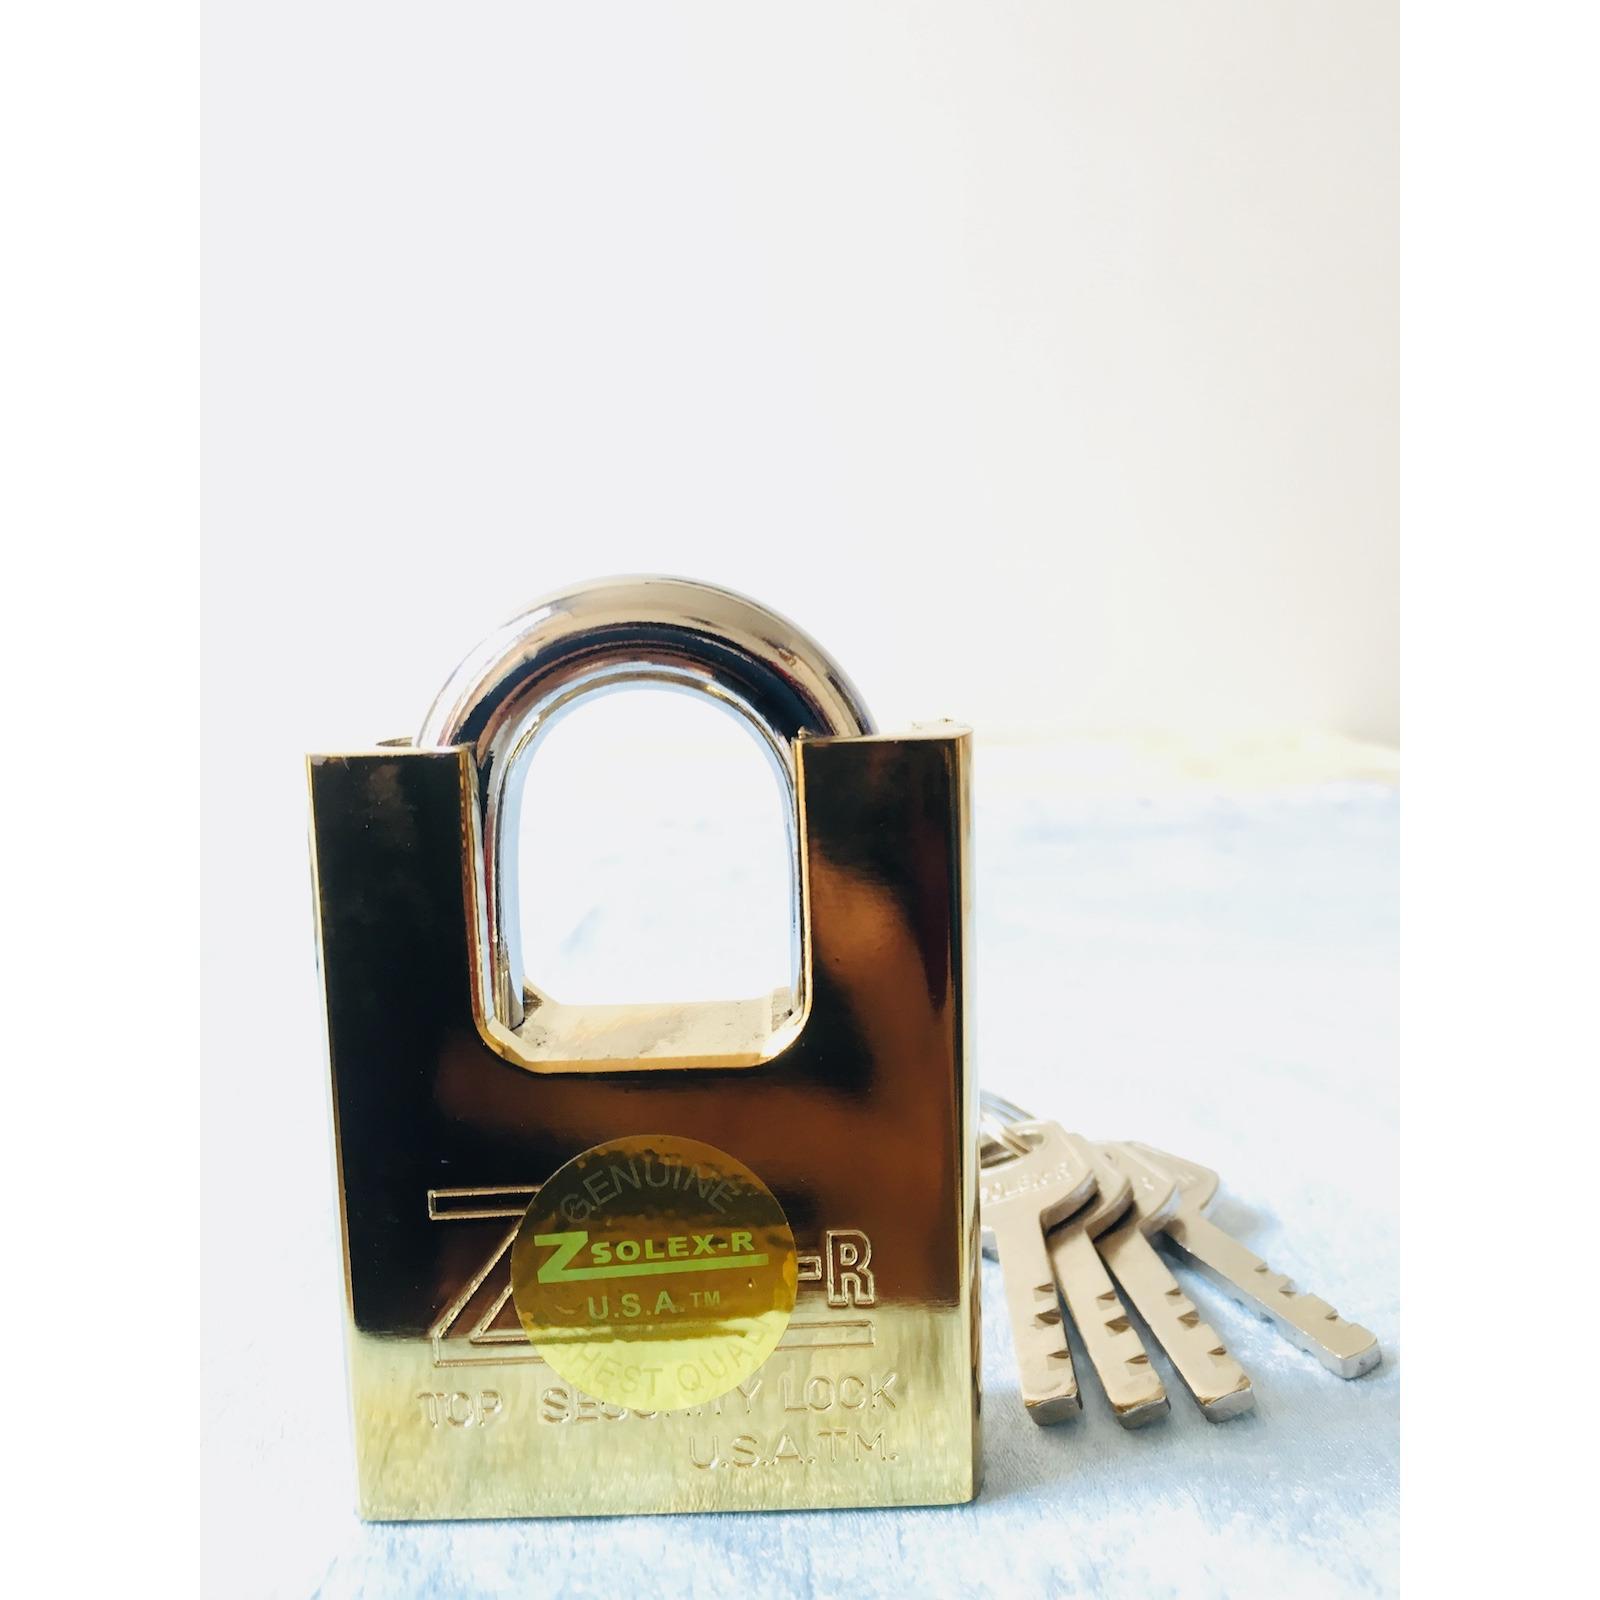 [HCM]Ổ khoá chống trộm loại lớn chống cắt chống sét  công nghệ của Mỹ  làm bằng thép lõi bằng đồng